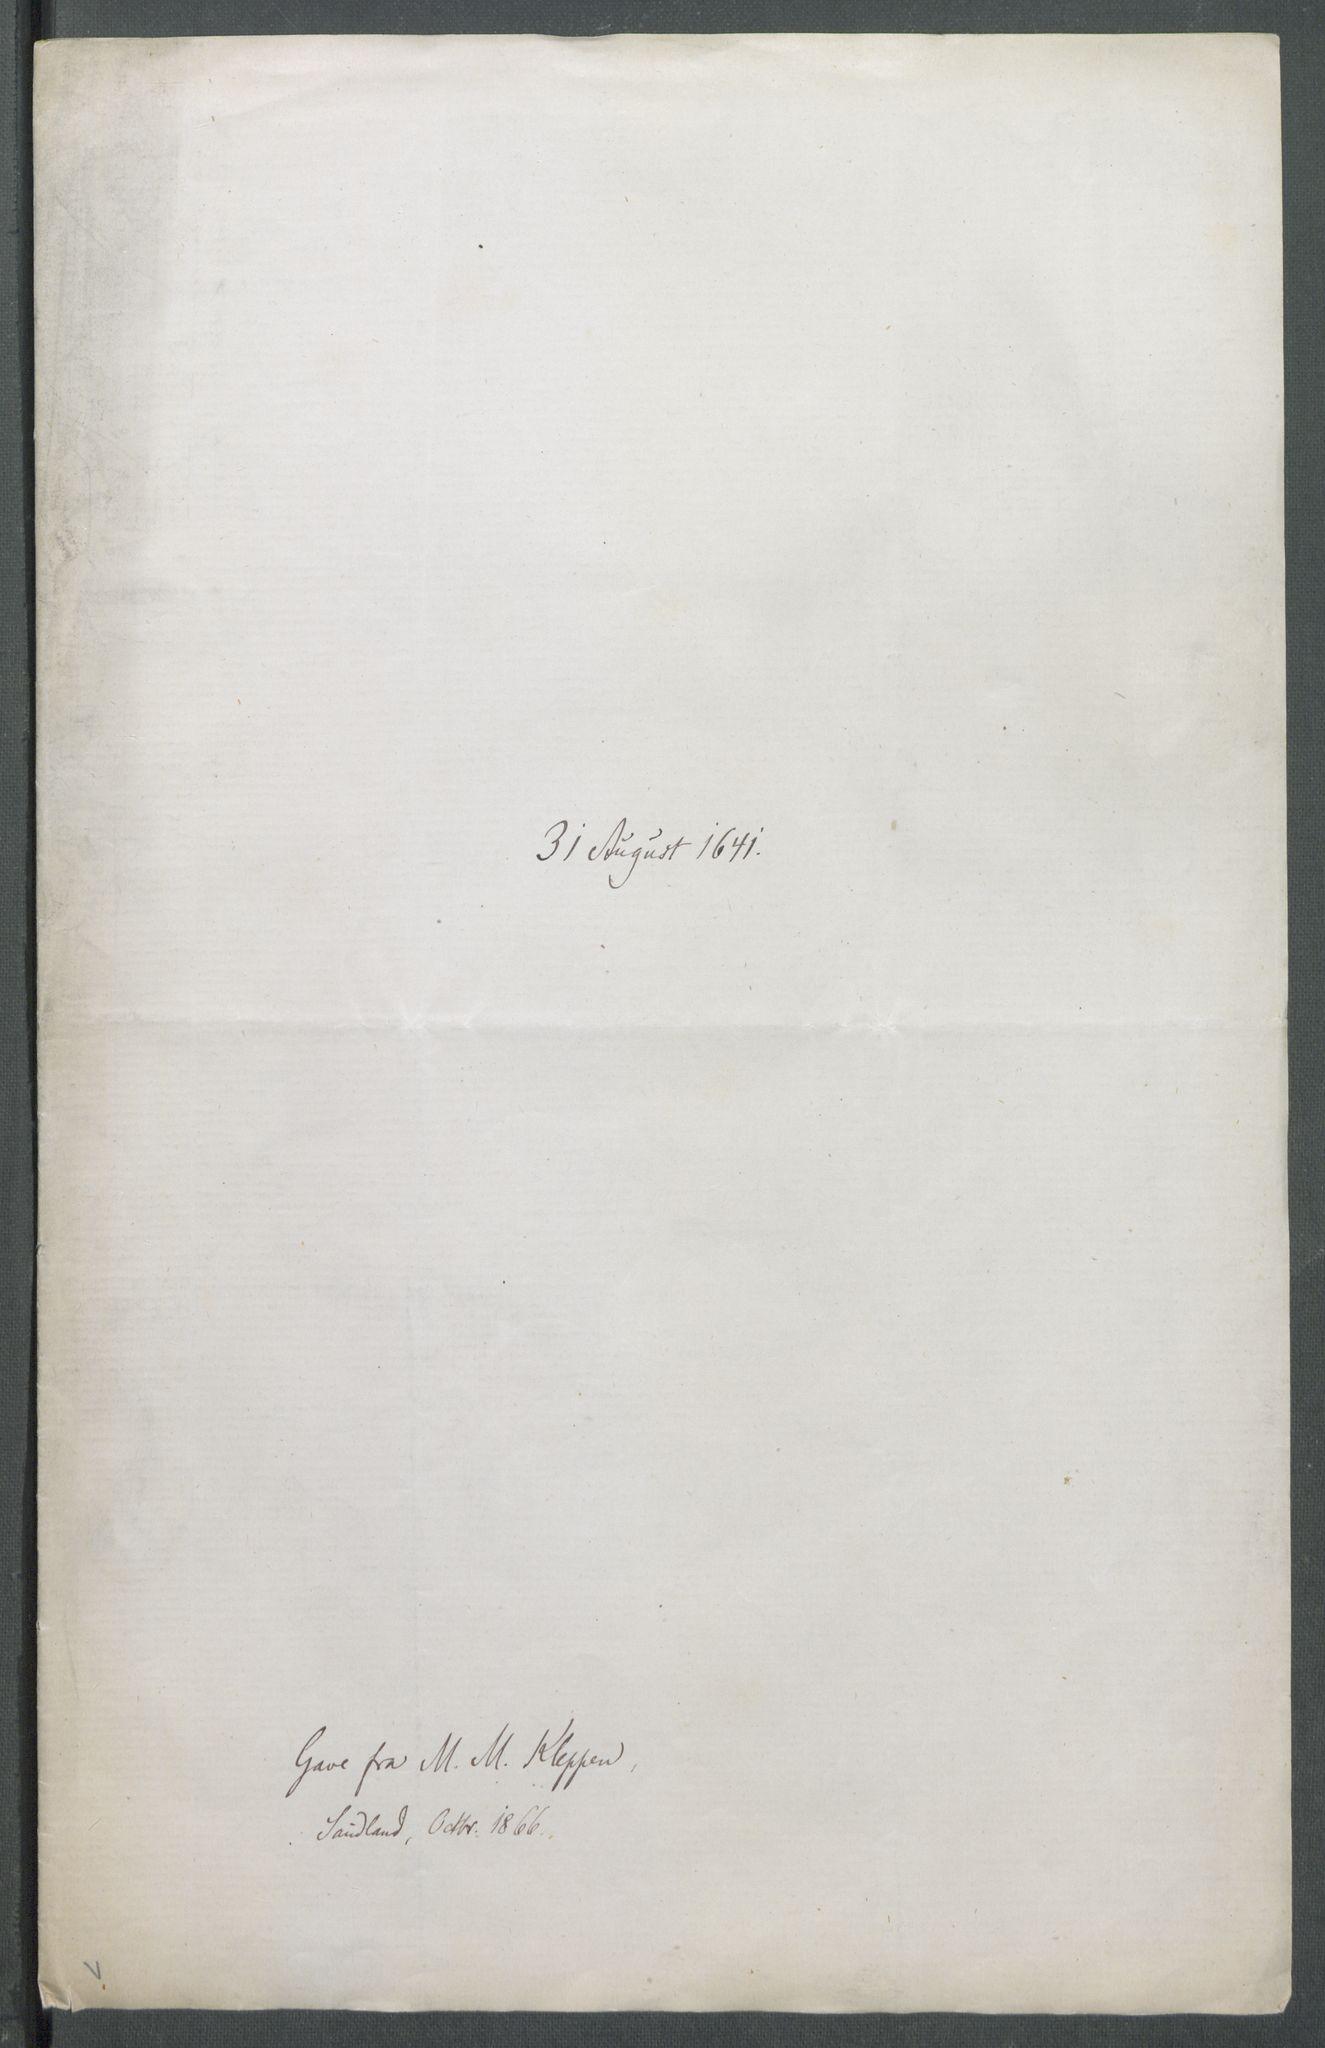 RA, Riksarkivets diplomsamling, F02/L0154: Dokumenter, 1641, s. 35